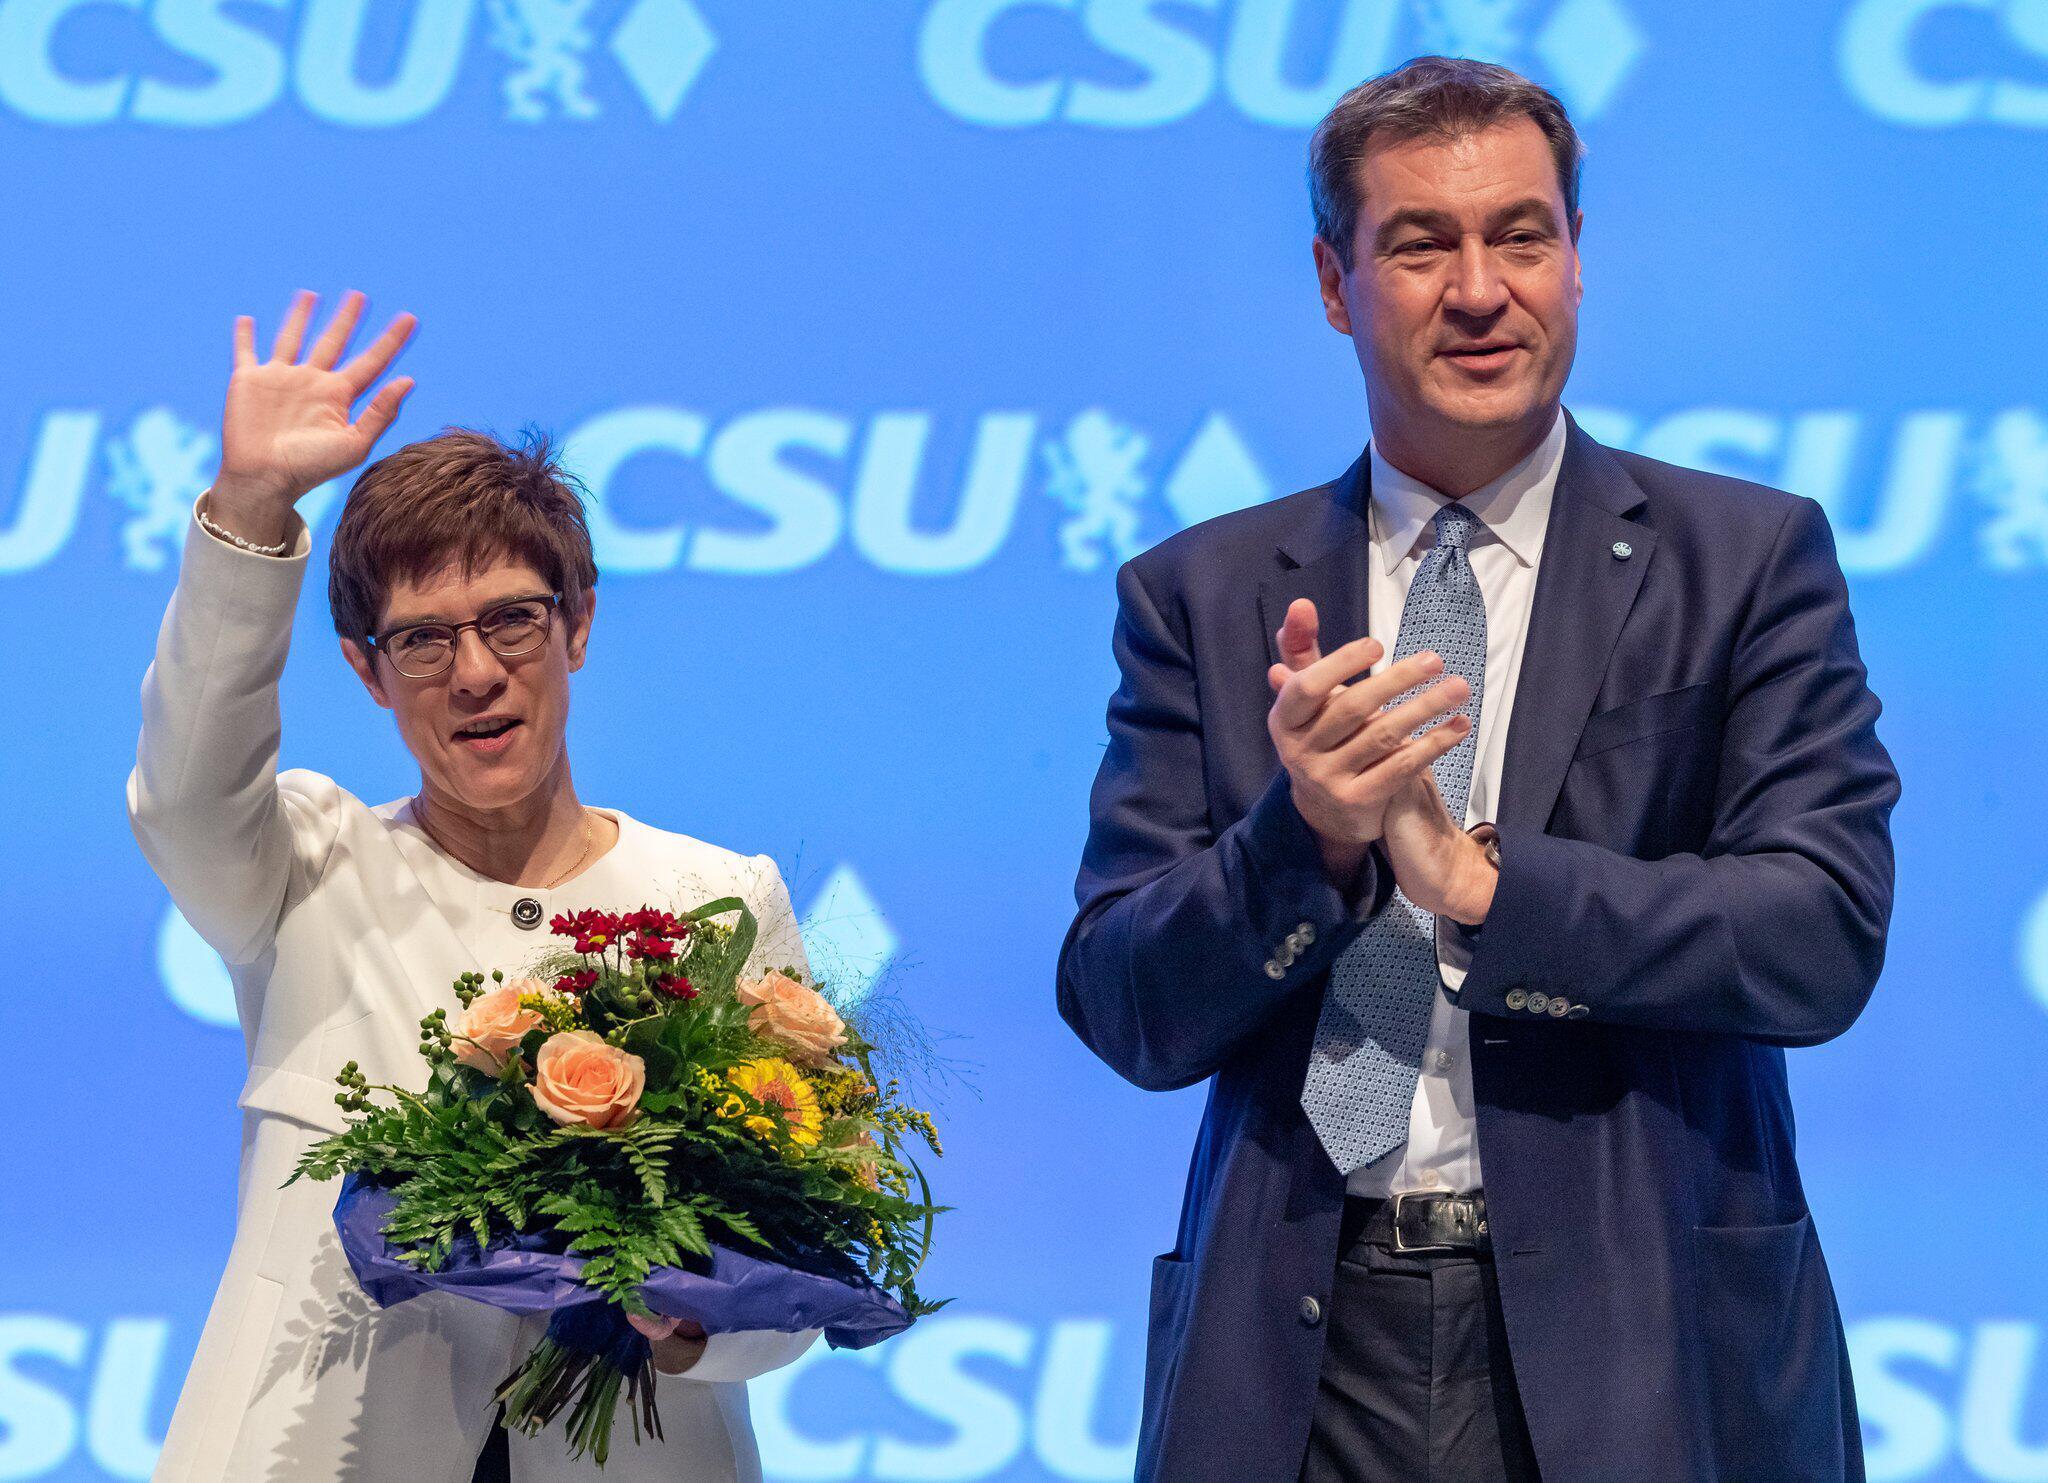 Bild zu CSU-Chef Markus Söder und CDU-Chefin Annegret Kramp-Karrenbauer